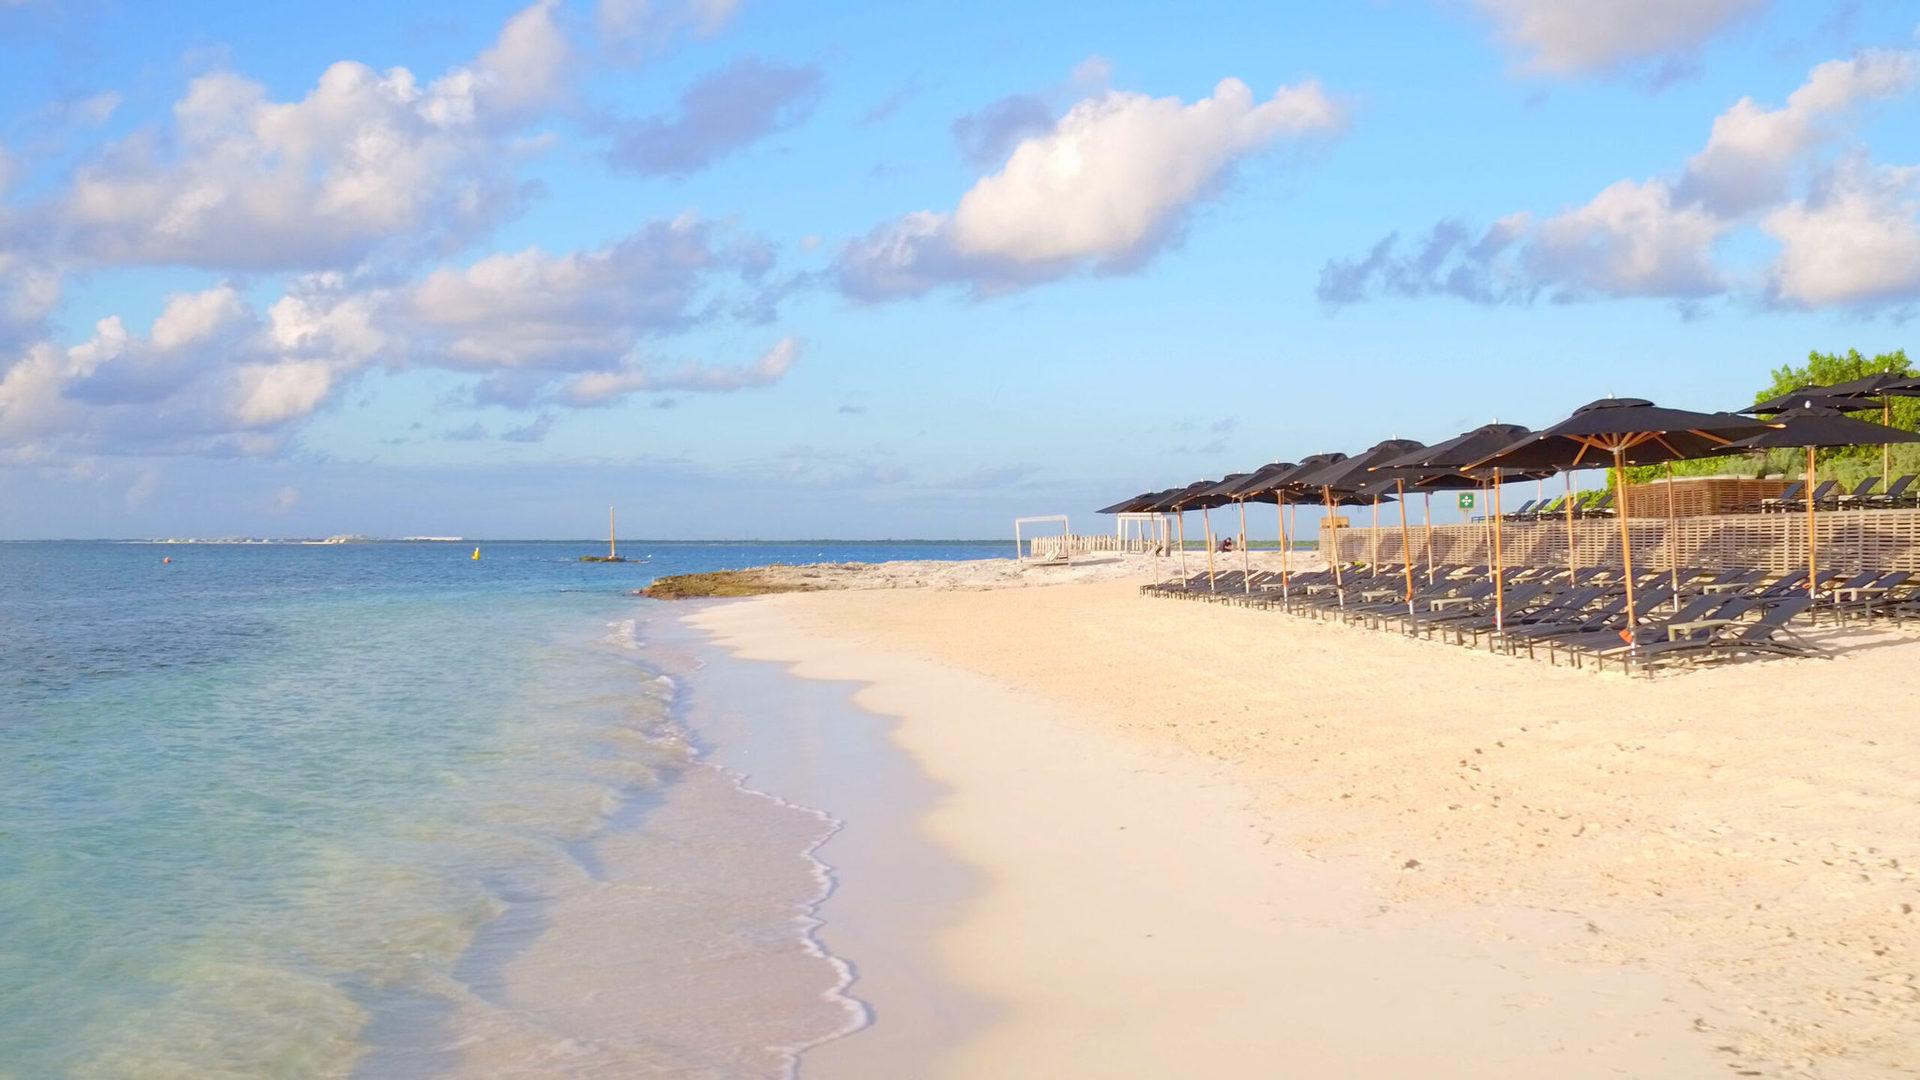 Розташований у національному парку з власним пляжем в усамітненій бухті Пунта Нізук; один із пляжей - тільки для відпочинку дорослих гостей